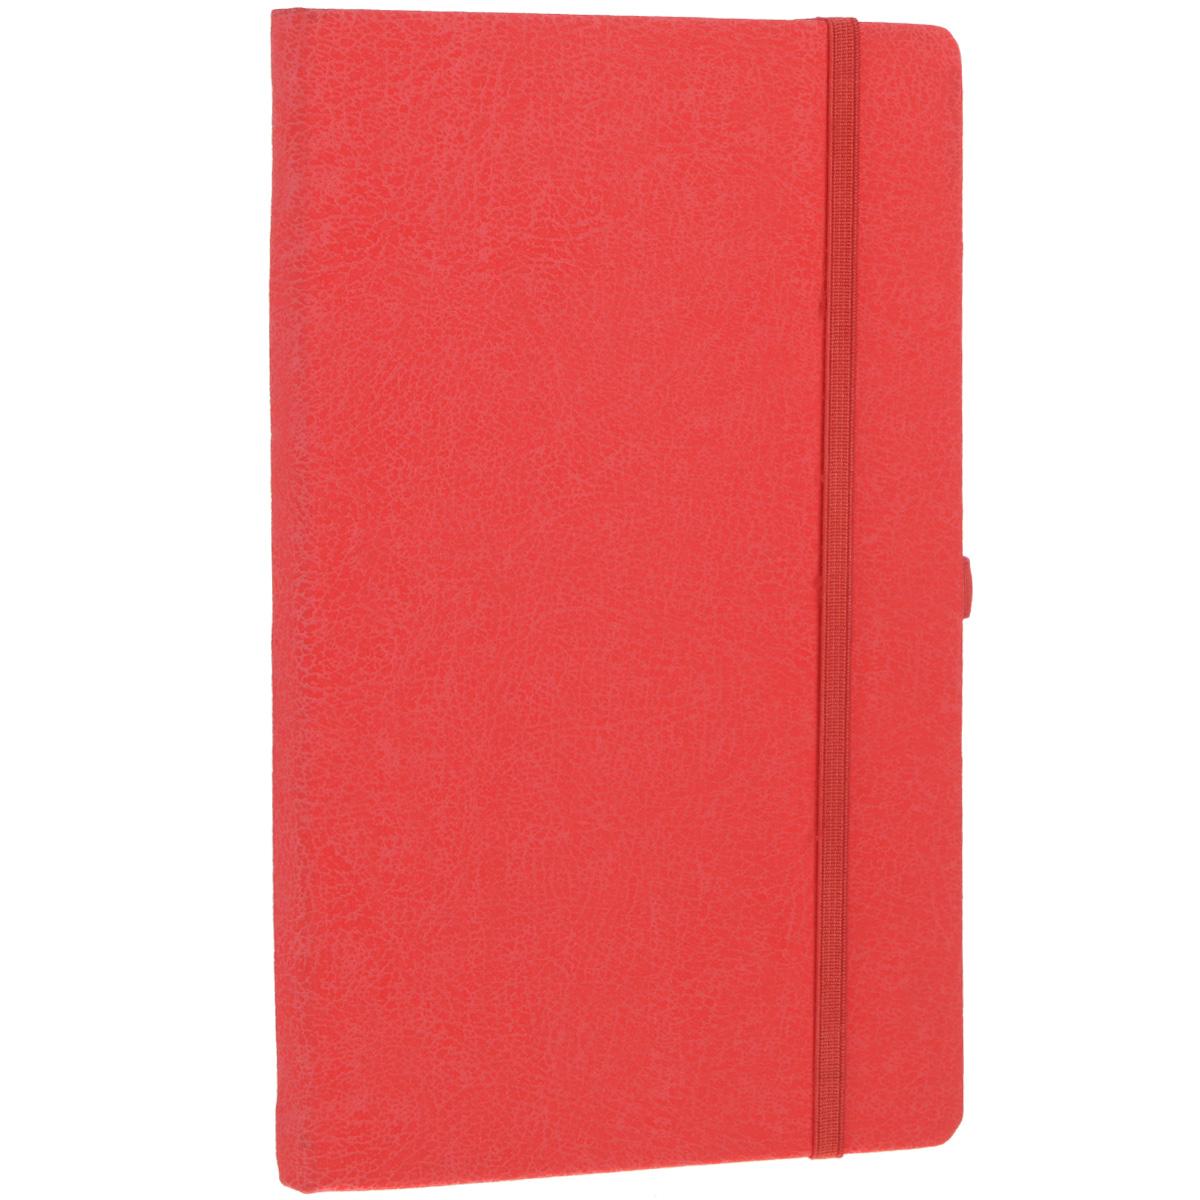 Записная книжка Erich Krause Perfect, цвет: красный, 96 листовКЗК512081Записная книжка Erich Krause Perfect - это дополнительный штрих к вашему имиджу. Демократичная в своем содержании, книжка может быть использована не только для личных пометок и записей, но и как недатированный ежедневник. Надежная твердая обложка из плотного картона с тиснением под кожу сохранит ее в аккуратном состоянии на протяжении всего времени использования. Плотная в линейку бумага белого цвета, закладка-ляссе, практичные скругленные углы, эластичная петелька для ручки и внутренний бумажный карман на задней обложке - все это обеспечит вам истинное удовольствие от письма. В начале книжки имеется страничка для заполнения личных данных владельца, четыре страницы для заполнения адресов, телефонов и интернет-почты и четыре страницы для заполнения сайтов и ссылок. Благодаря небольшому формату книжку легко взять с собой. Записная книжка плотно закрывается при помощи фиксирующей резинки.